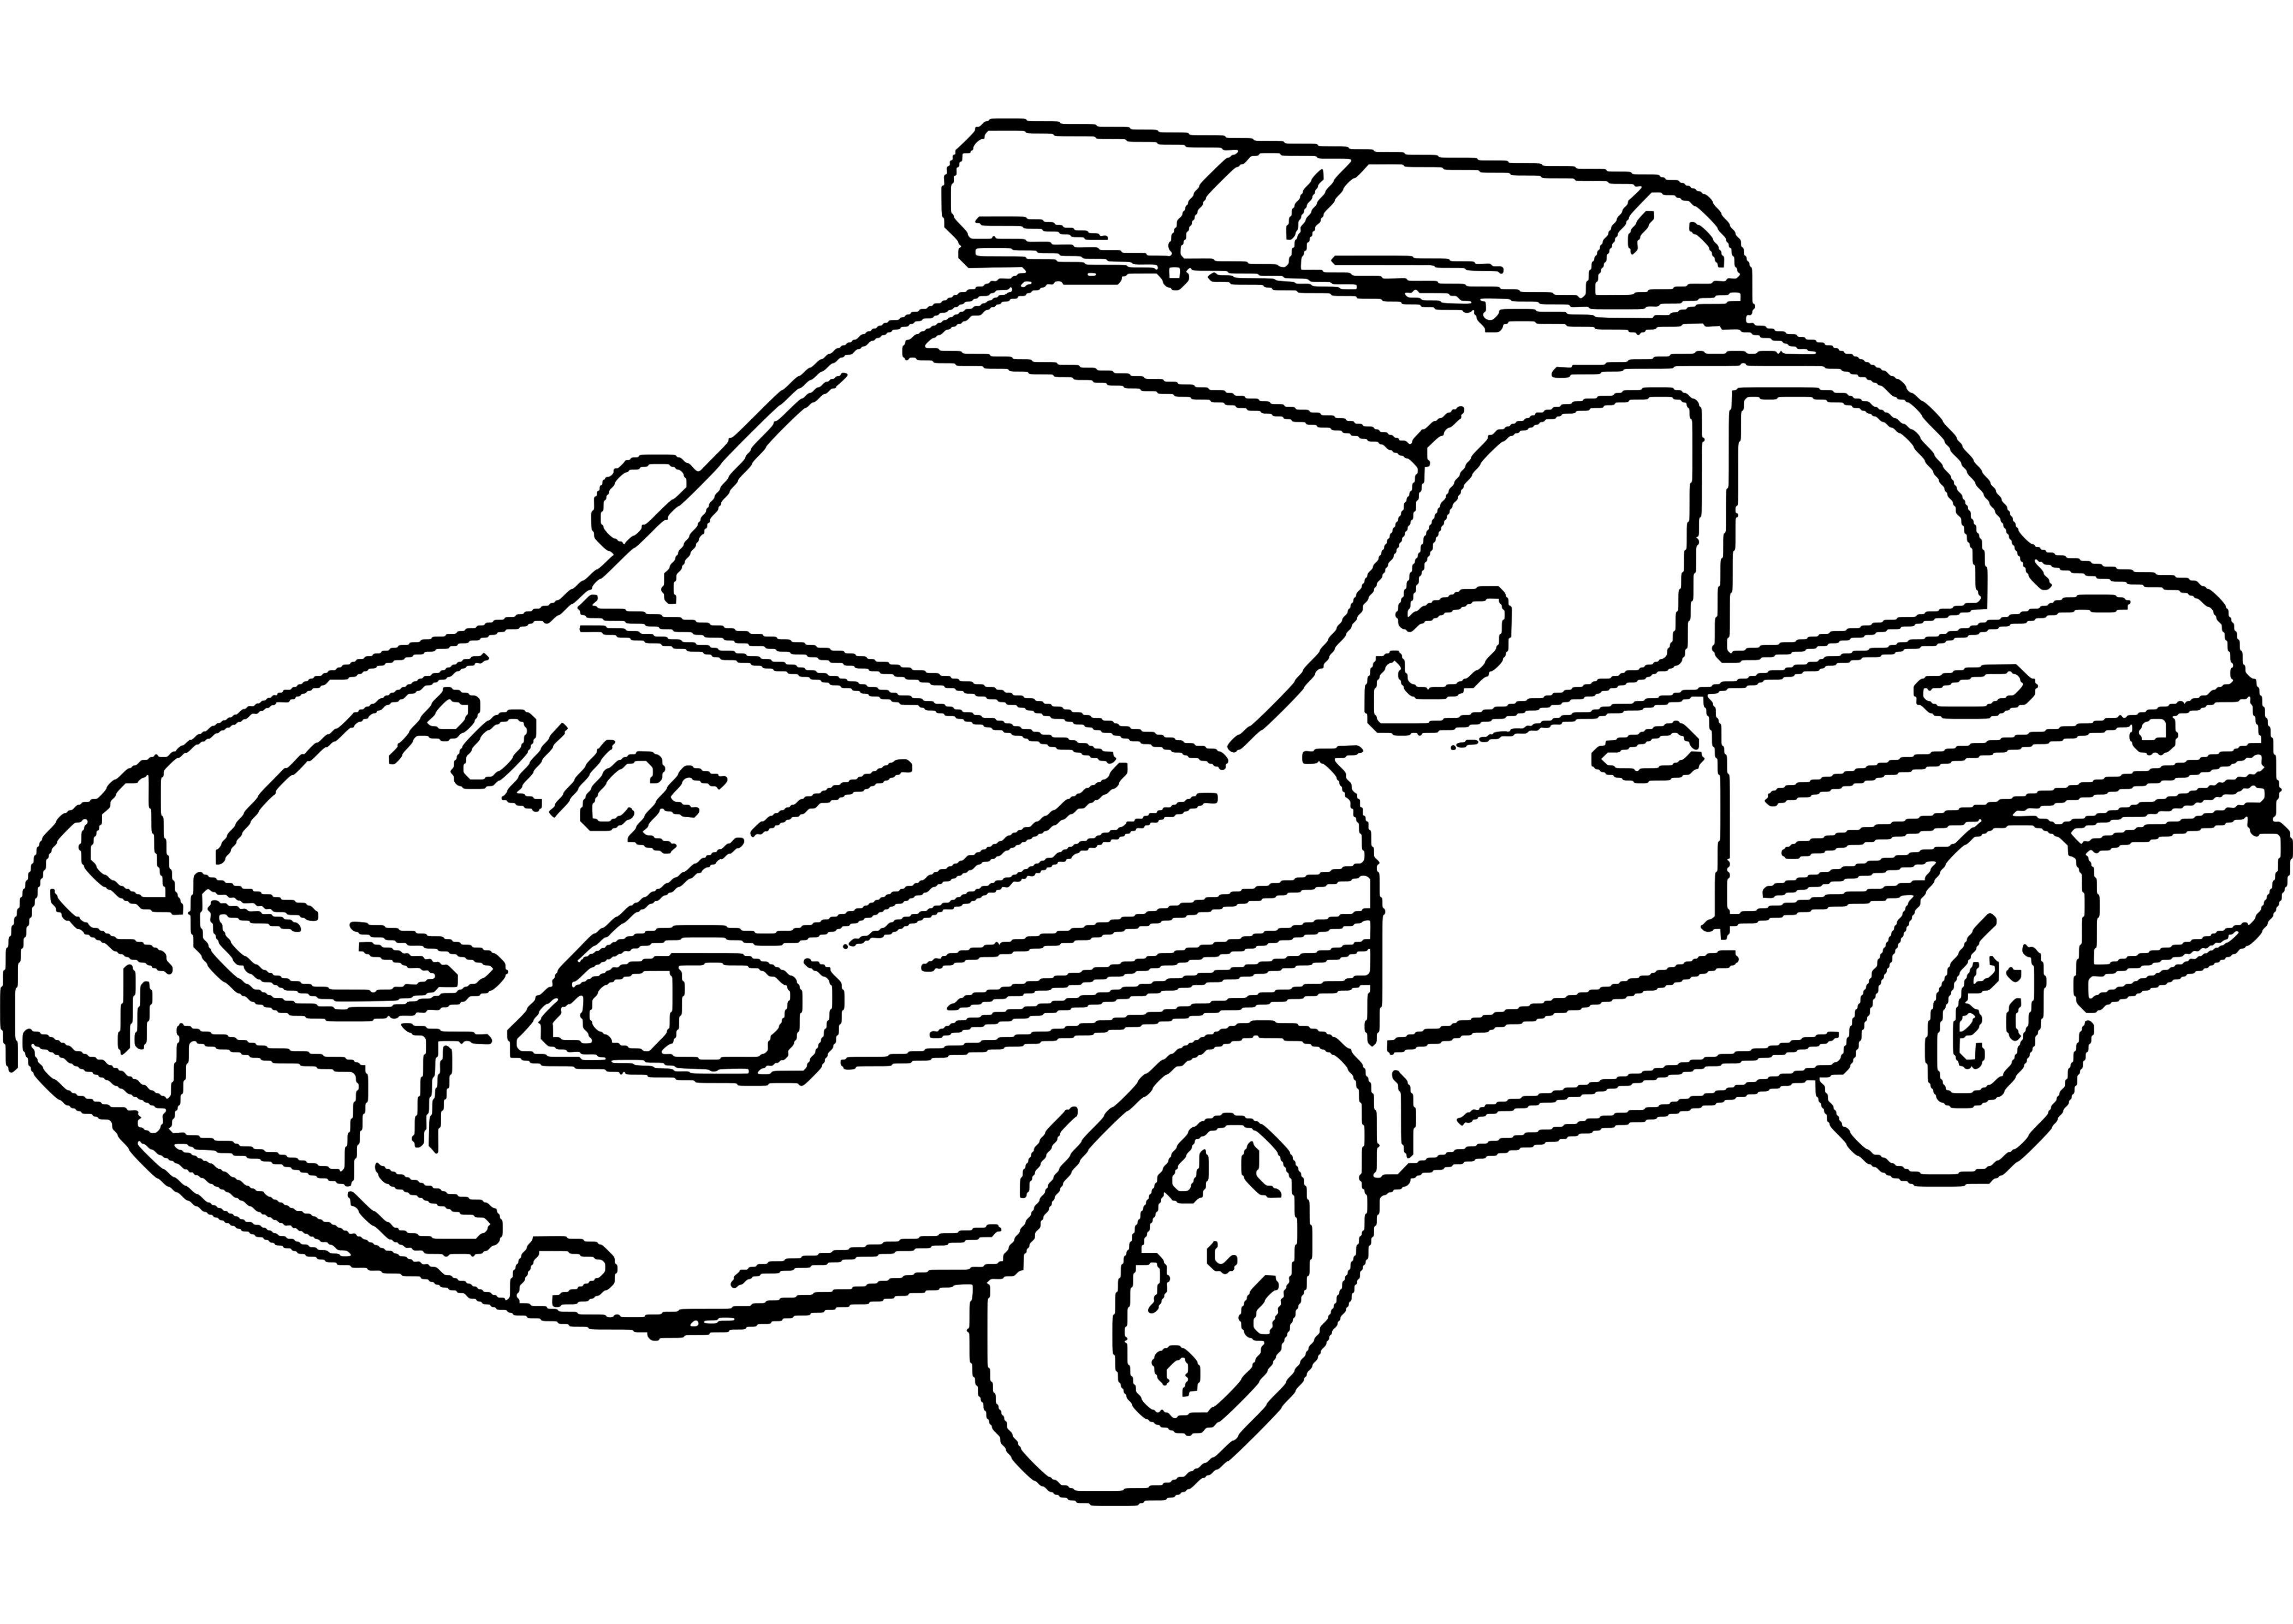 Voiture De Police #10 (Transport) – Coloriages À Imprimer avec Coloriage Vehicule